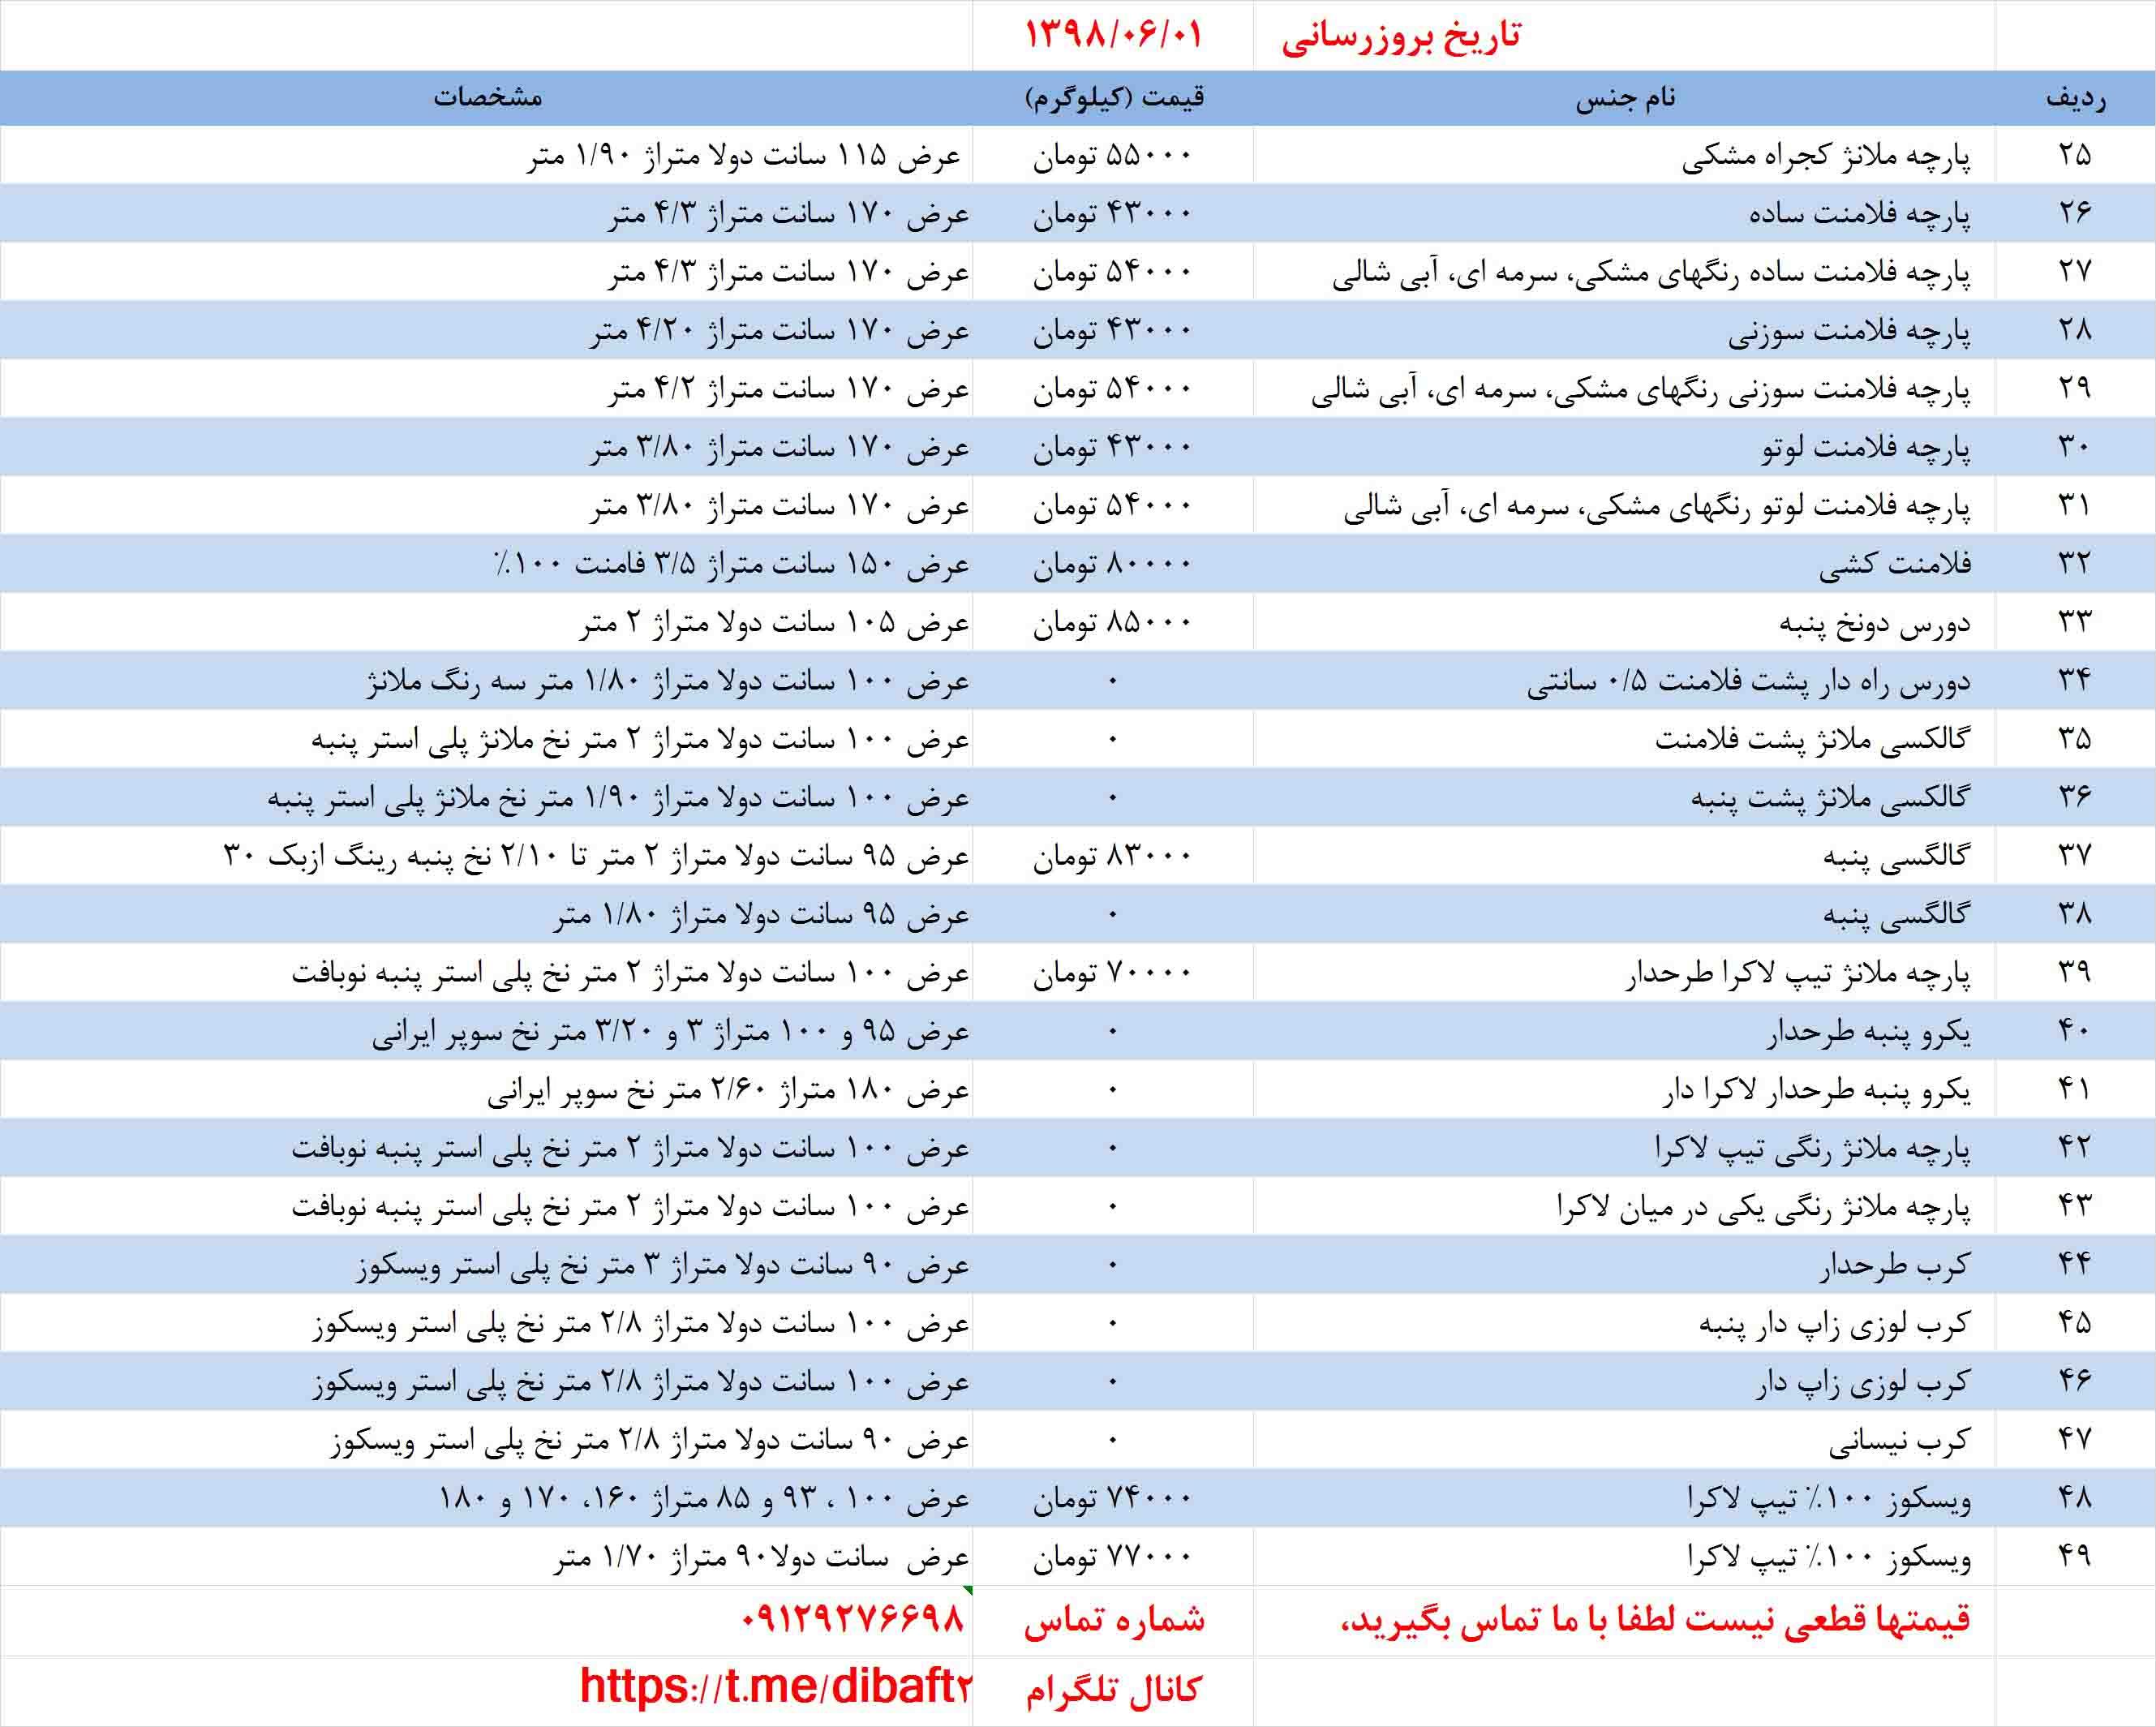 لیست قیمت پارچه گردباف